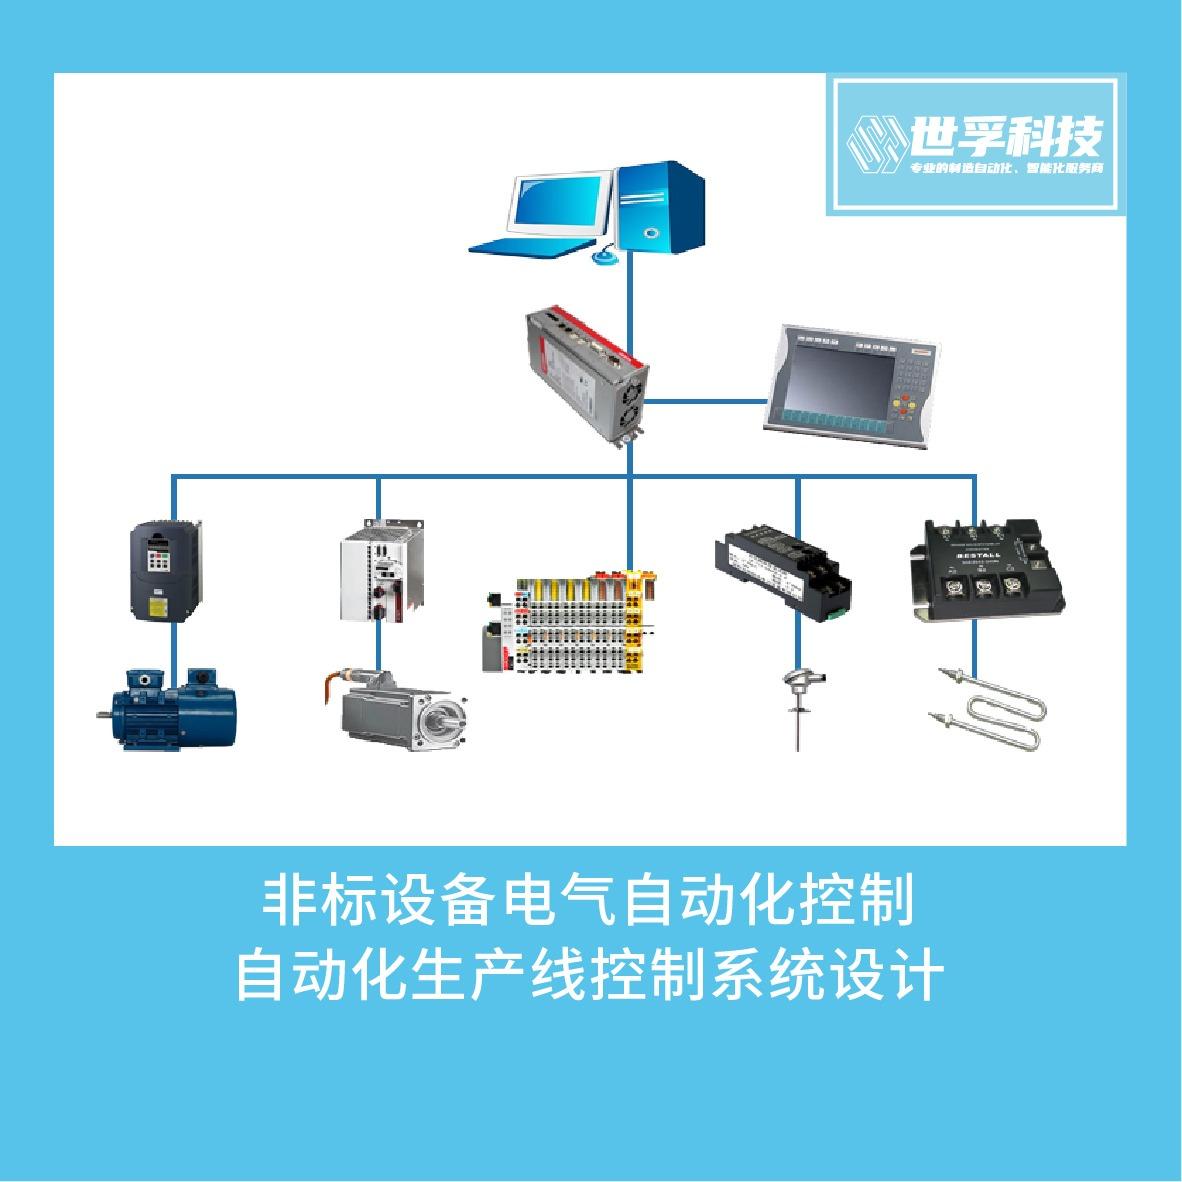 非标自动化设备 开发 /自动化生产线/电气自动化控制系统设计